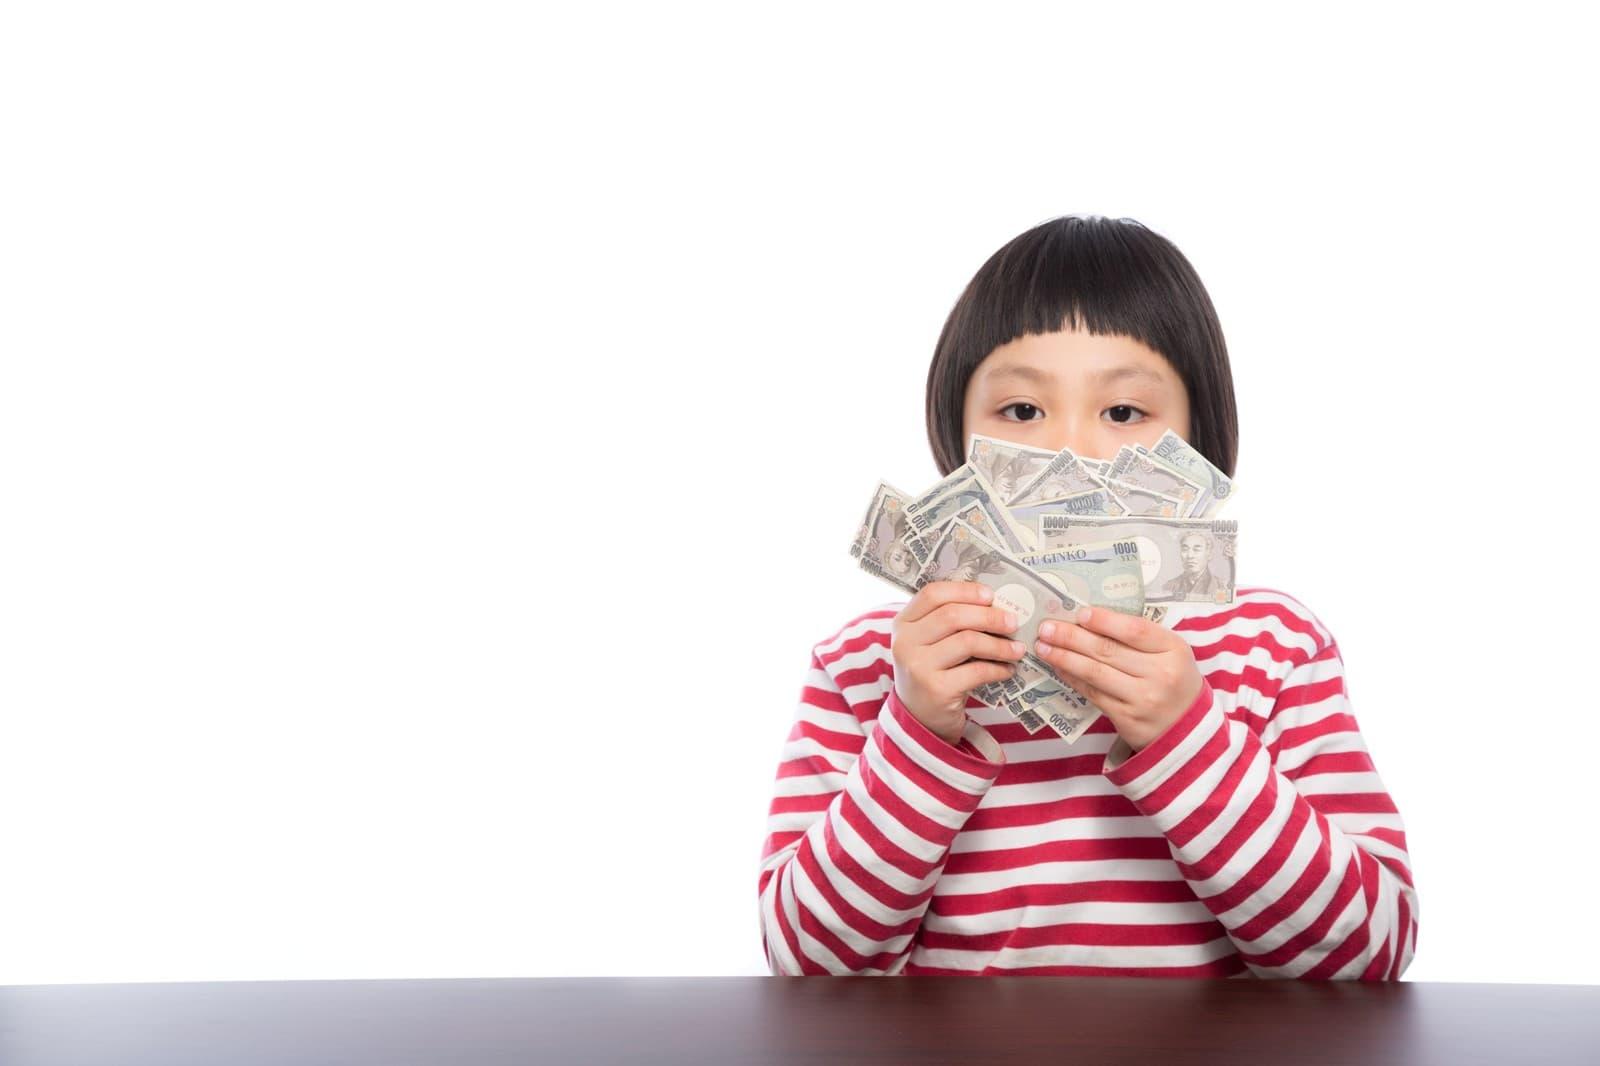 お金を持つ女の子